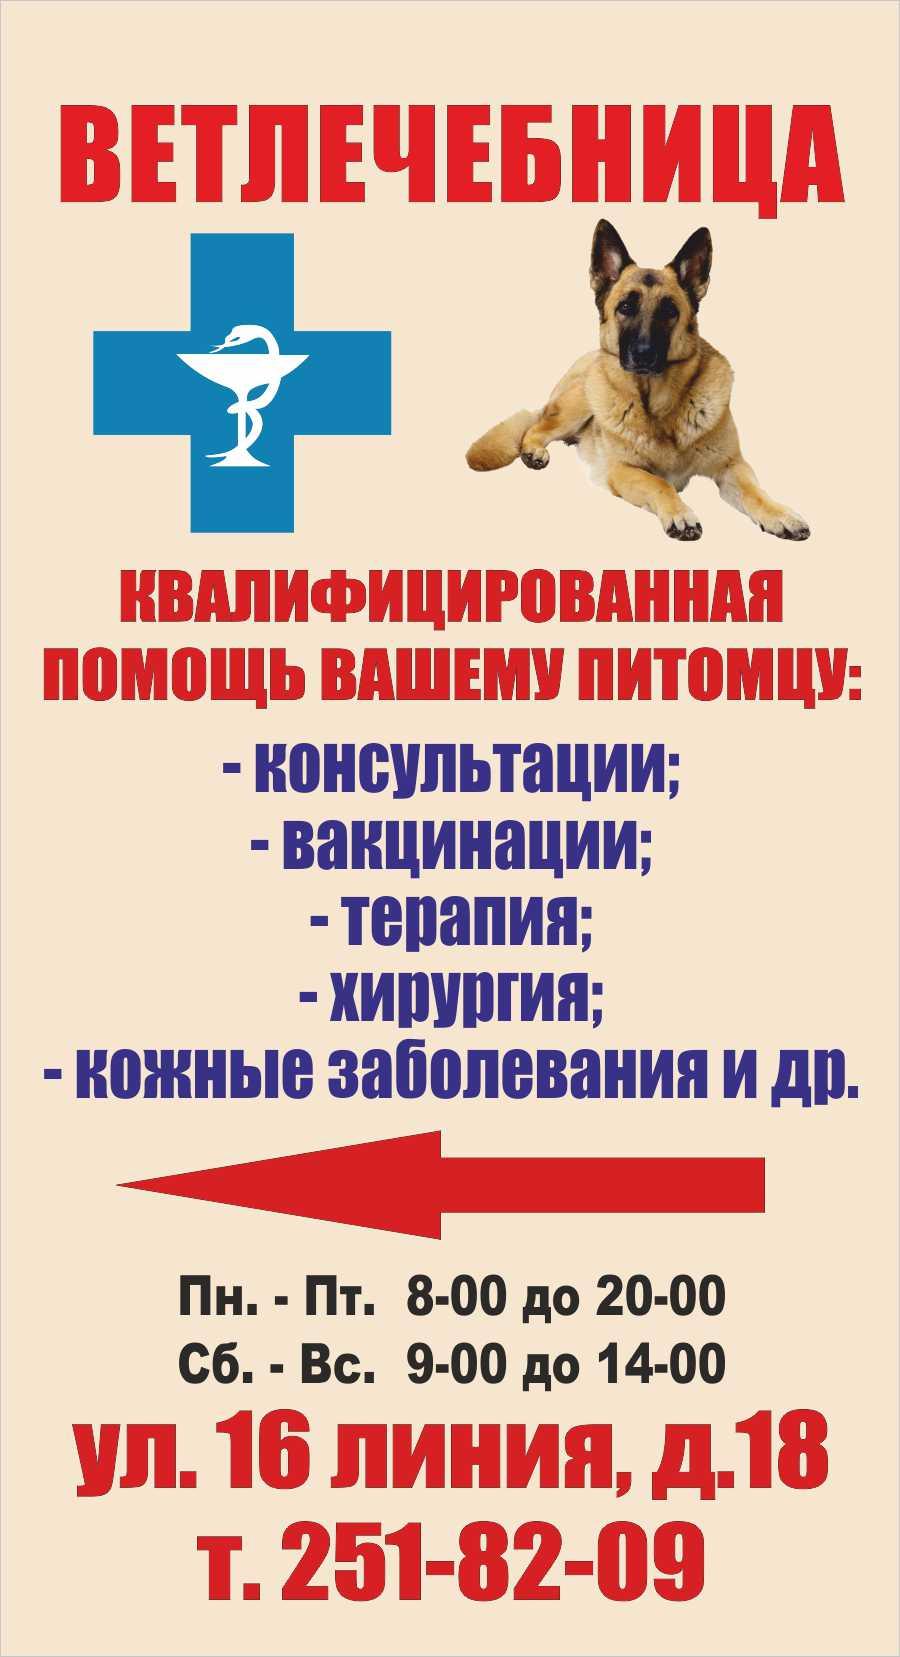 Печать на самоклейке интерьерного качества для штендера в Ростове-на-Дону.